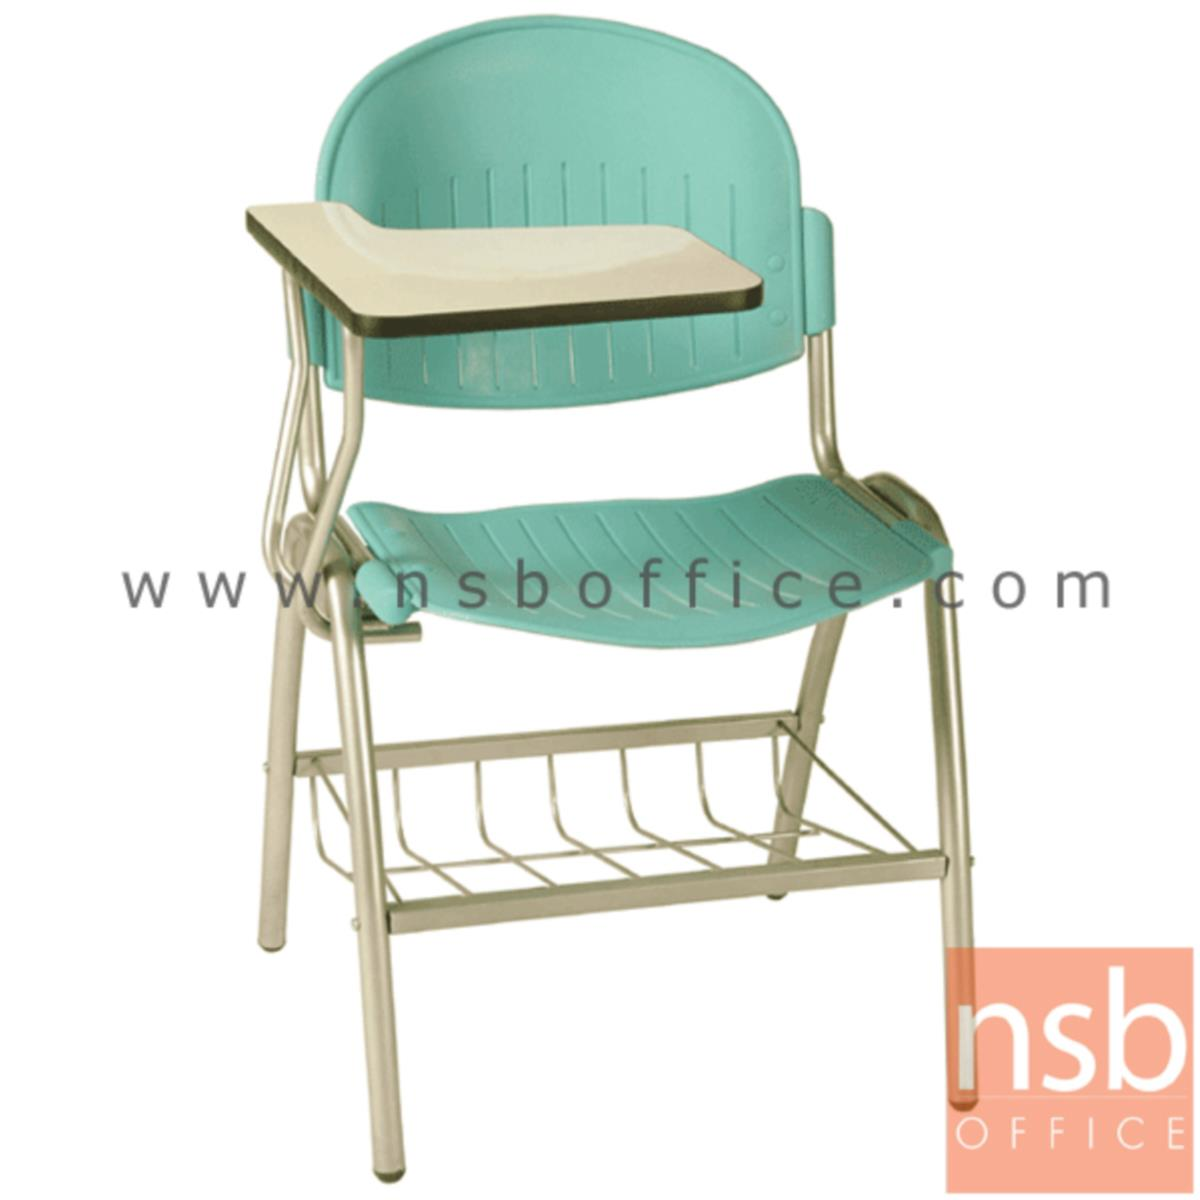 เก้าอี้เลคเชอร์เฟรมโพลี่ รุ่น C256-646 (มีตะแกรงวางของ) ขาเหล็กพ่นสี